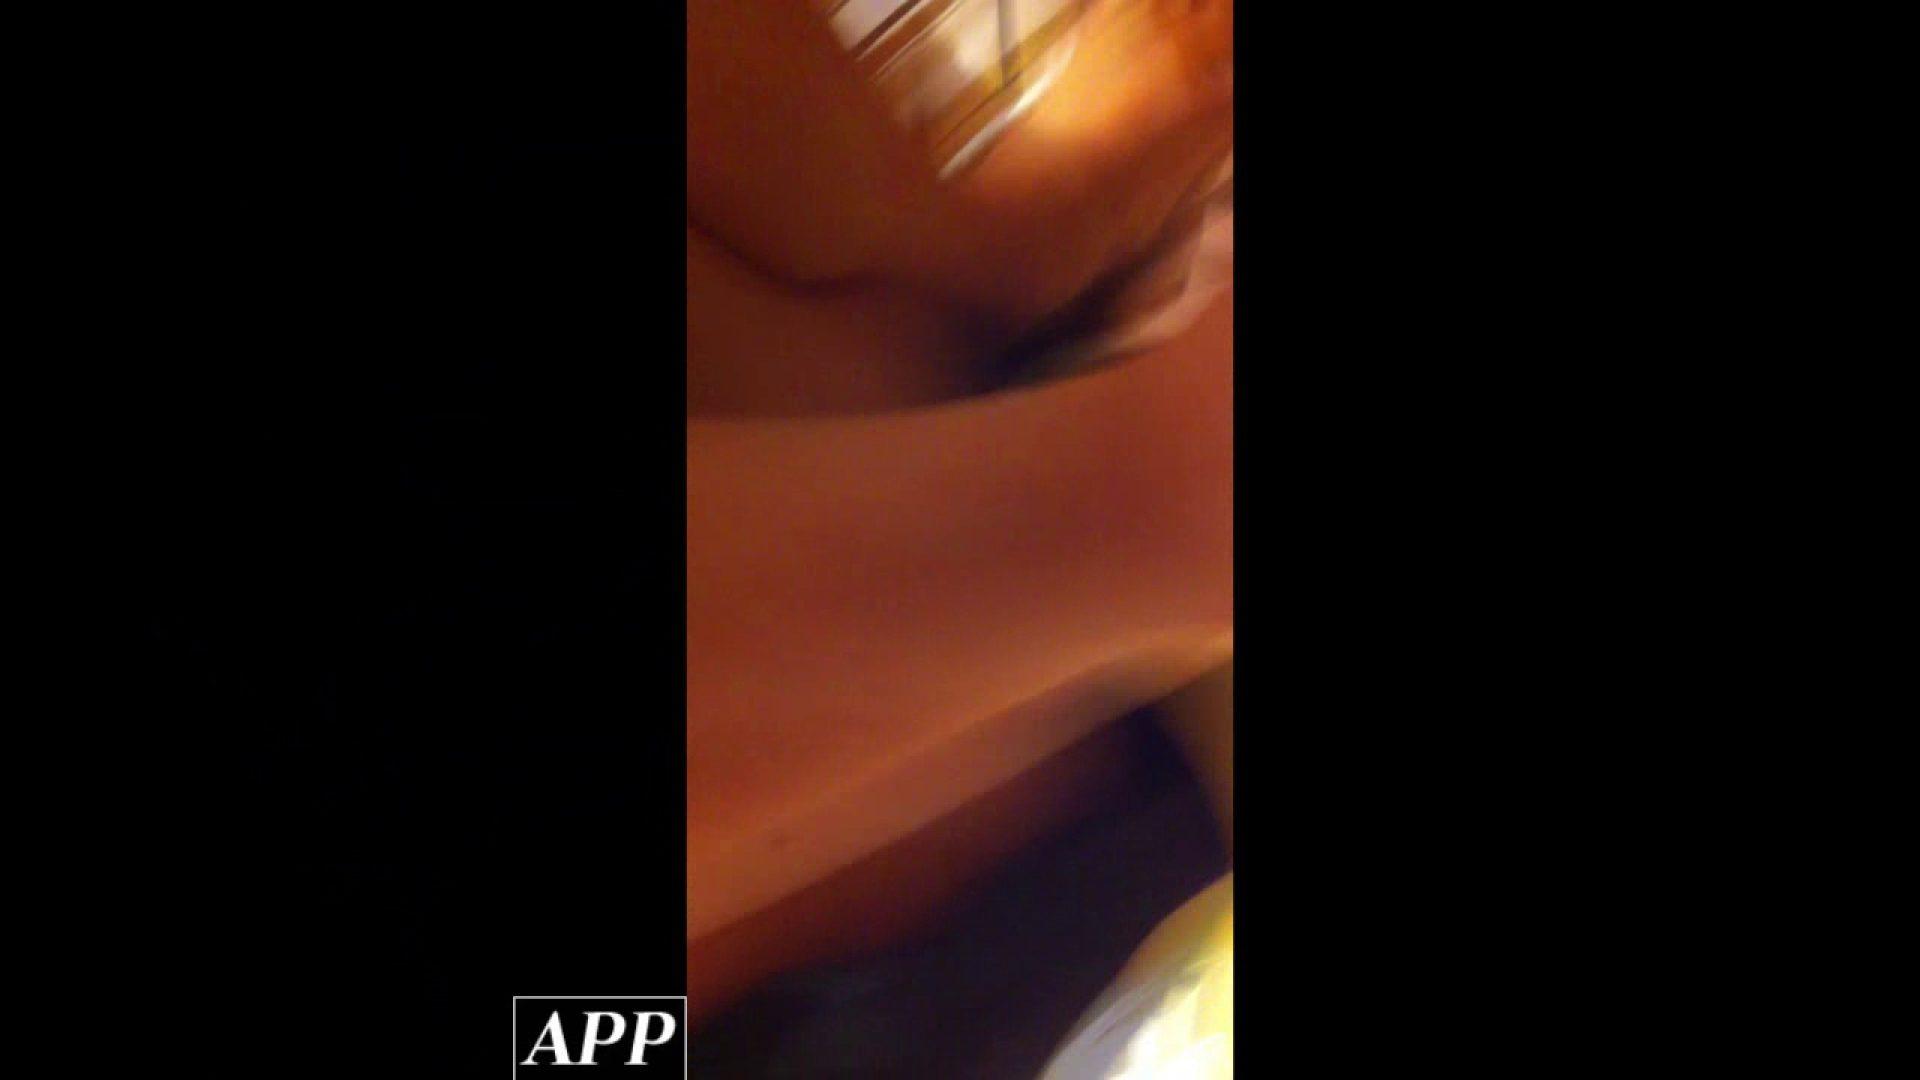 ハイビジョン盗撮!ショップ店員千人斬り!胸チラ編 vol.76 盗撮特集 | チラ  72画像 15